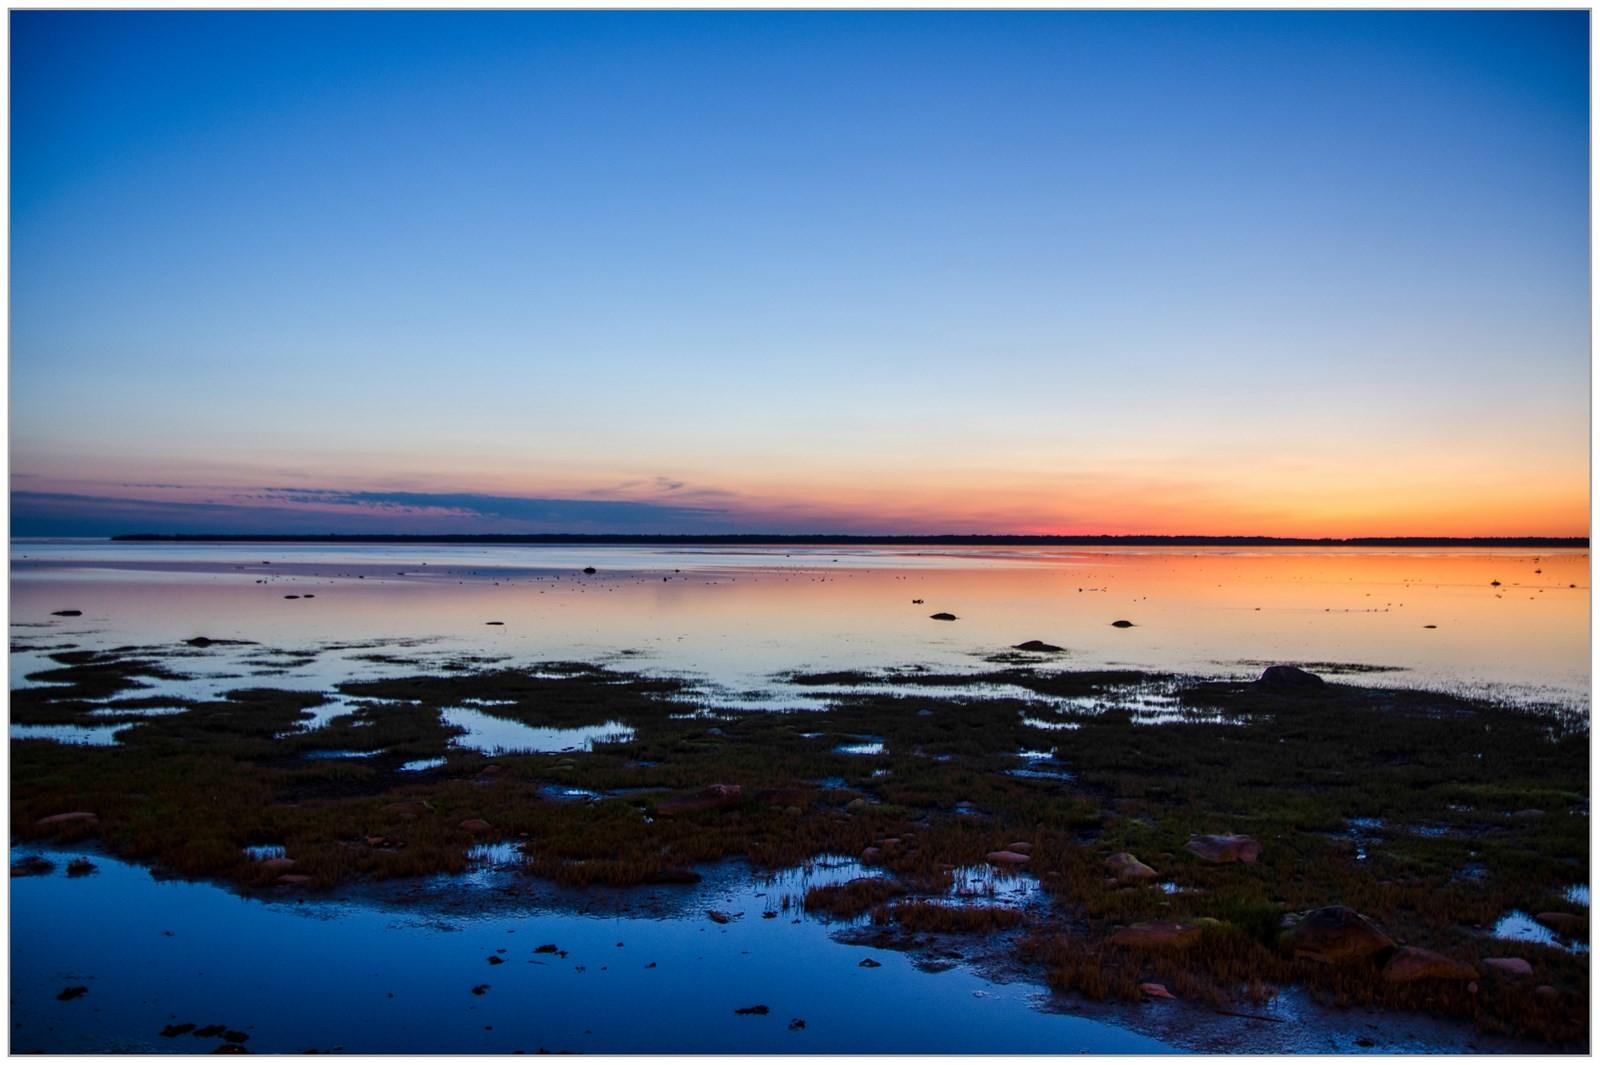 Couché de soleil en Gaspésie - Gilliane